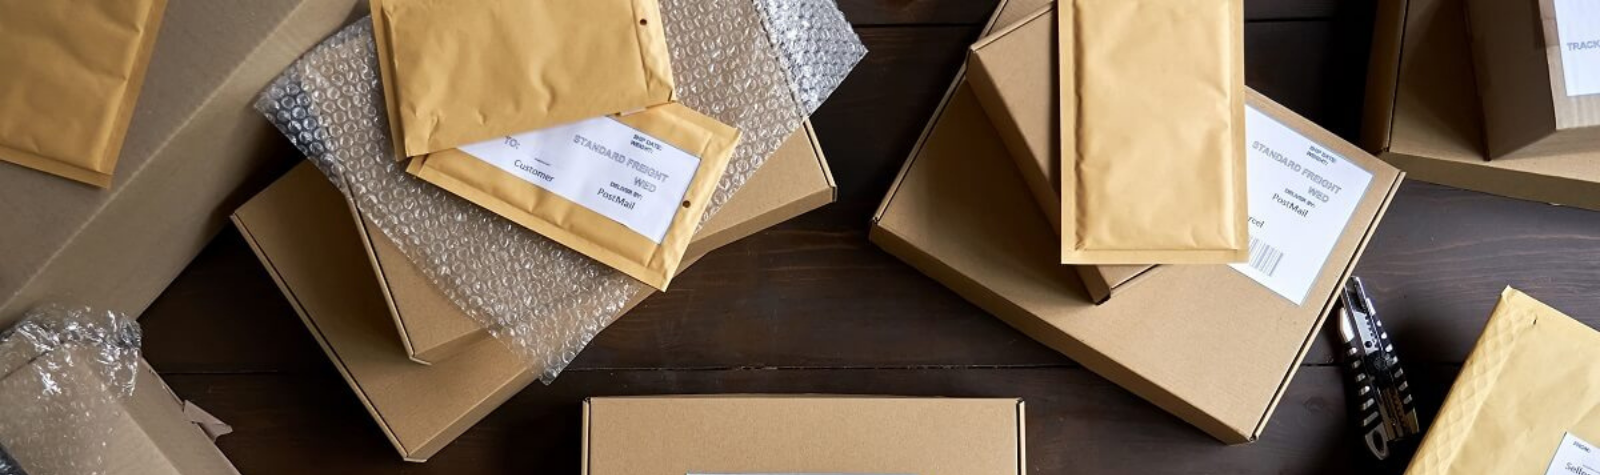 În cât timp ajunge un colet prin curier – care sunt etapele prin care un pachet trece pentru a ajunge la destinatar?